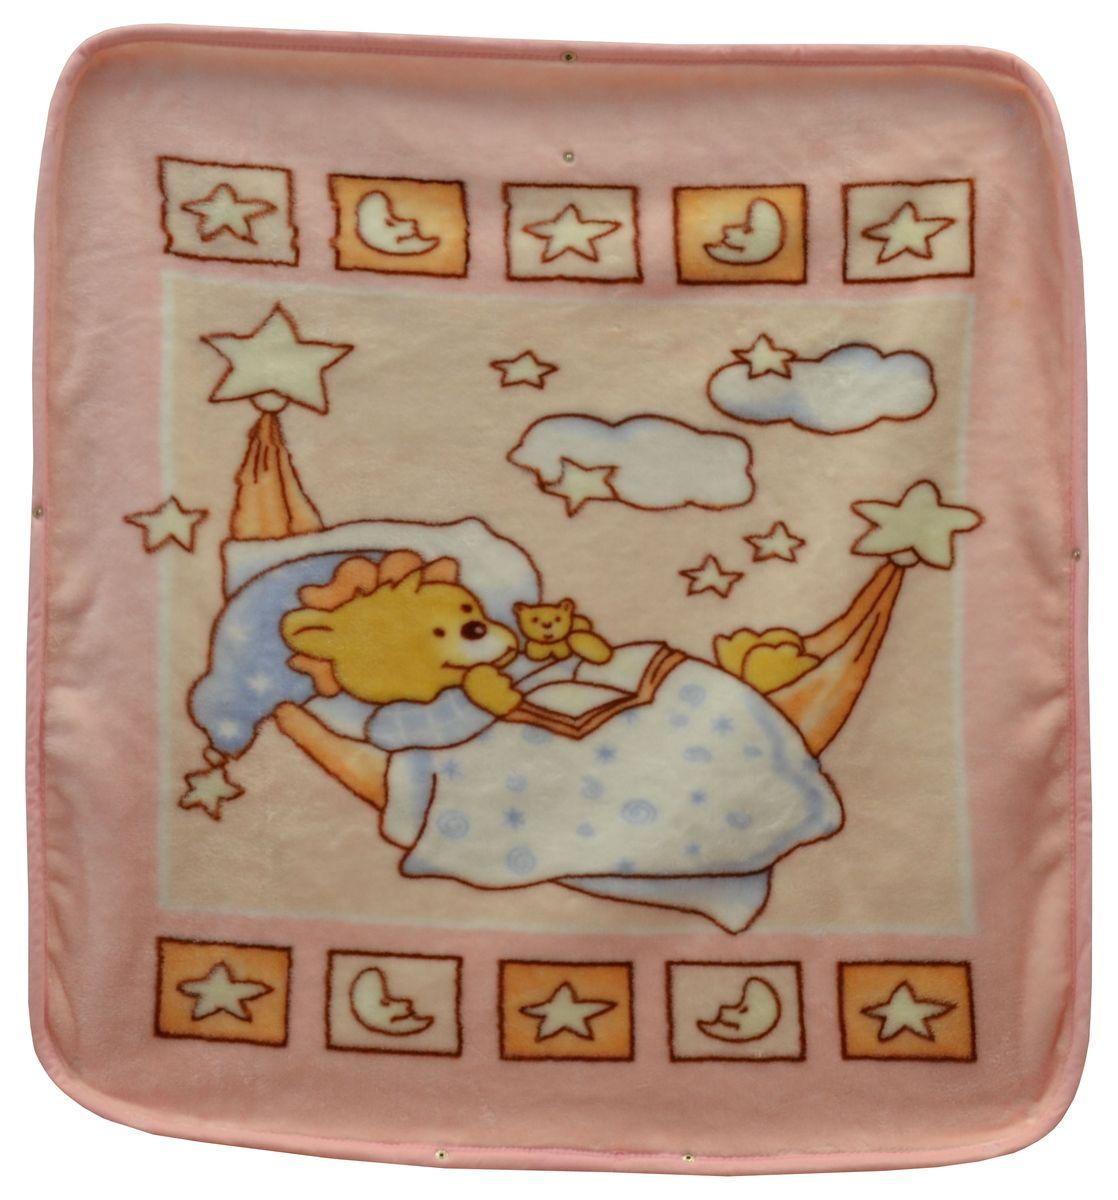 Bonne Fee Плед-накидка для младенцев на молнии 1, 80 х 90 см, цвет: розовыйОНДК/300-роз1Плед-накидка для младенцев на молнии Bonne Fee - защита, тепло и комфорт для малышей - использован надёжный, качественный и мягкий материал! Удобство и спокойствие для родителей обеспечивается универсальностью пледа-накидки, конструкция которого позволяет ему легко превращаться в конвертик. Отличное качество и практичность! Любите своего ребёнка и дарите ему лучшее!